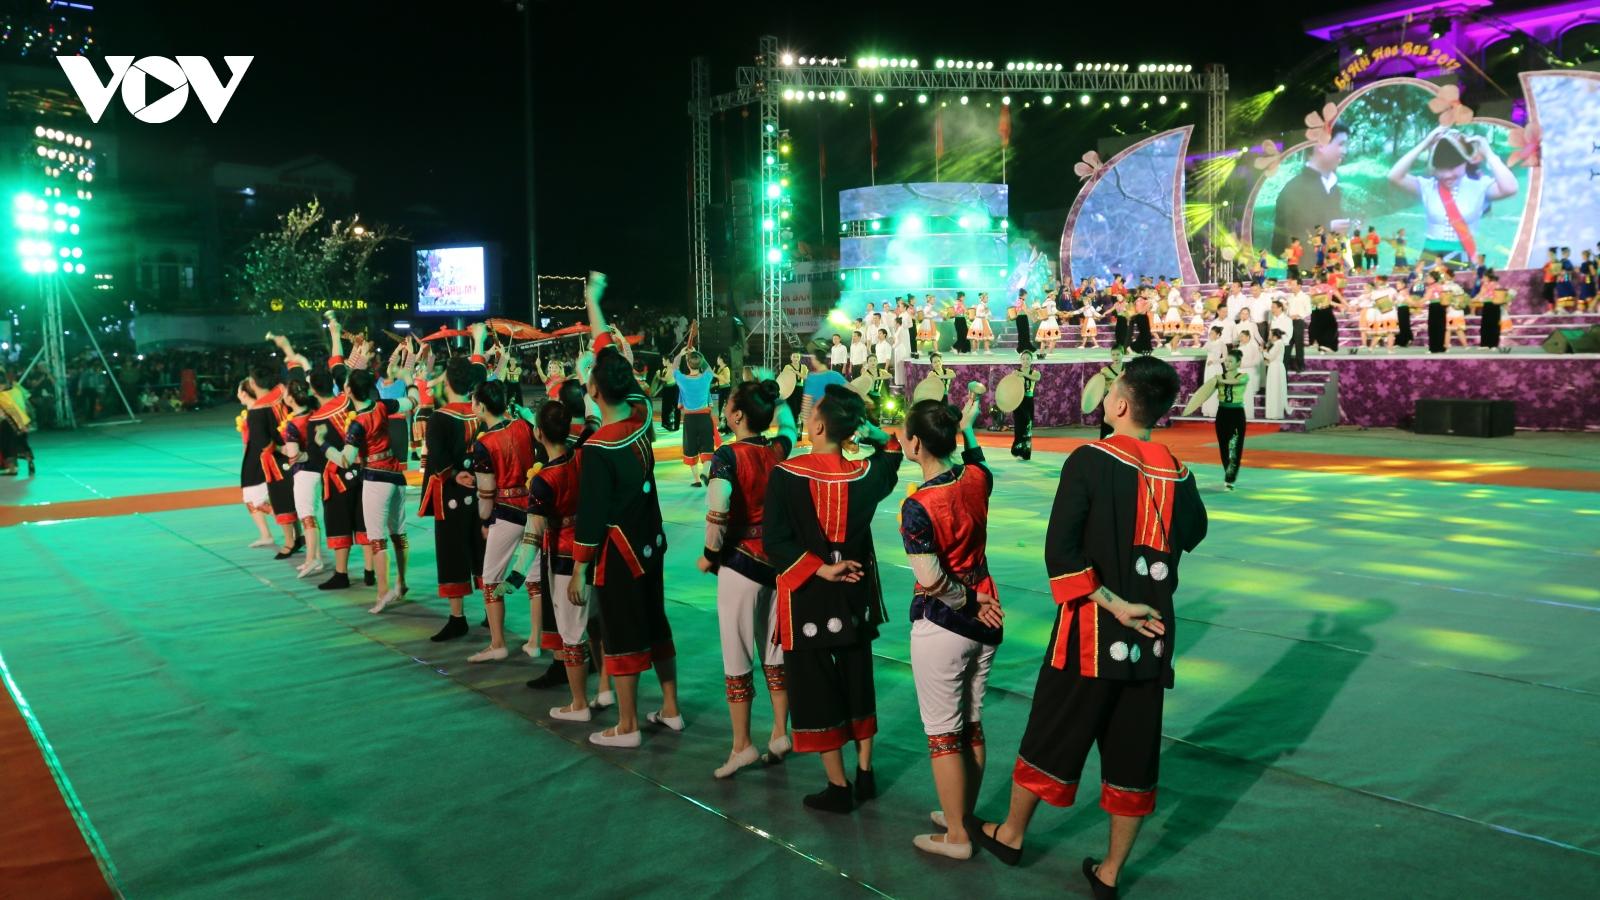 Hạn chế tối đa hoặc dừng hoạt động lễ hội sau Tết